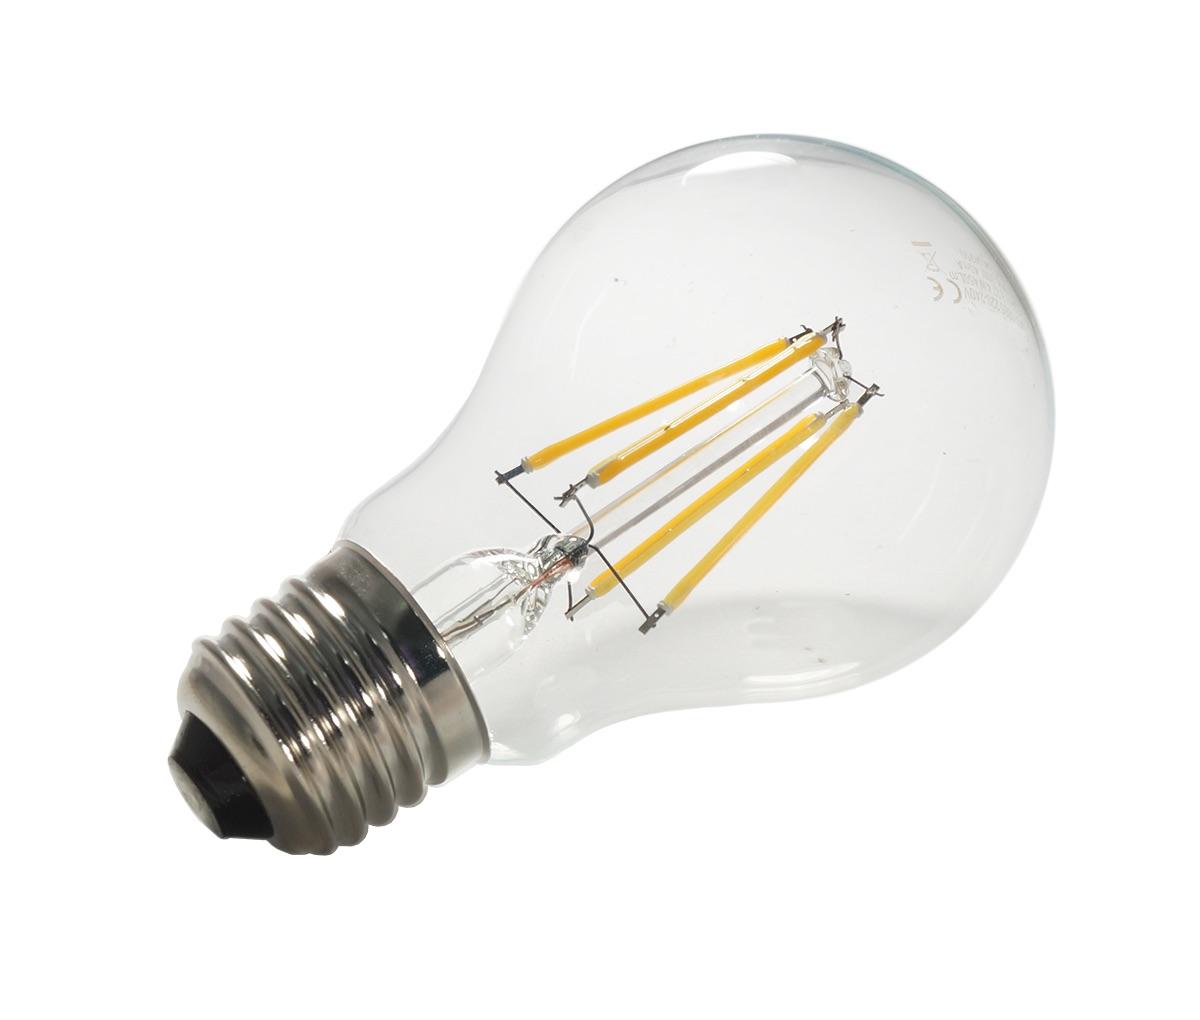 effetti del forum: le lampadine a led- pagina 1 - casa energetica